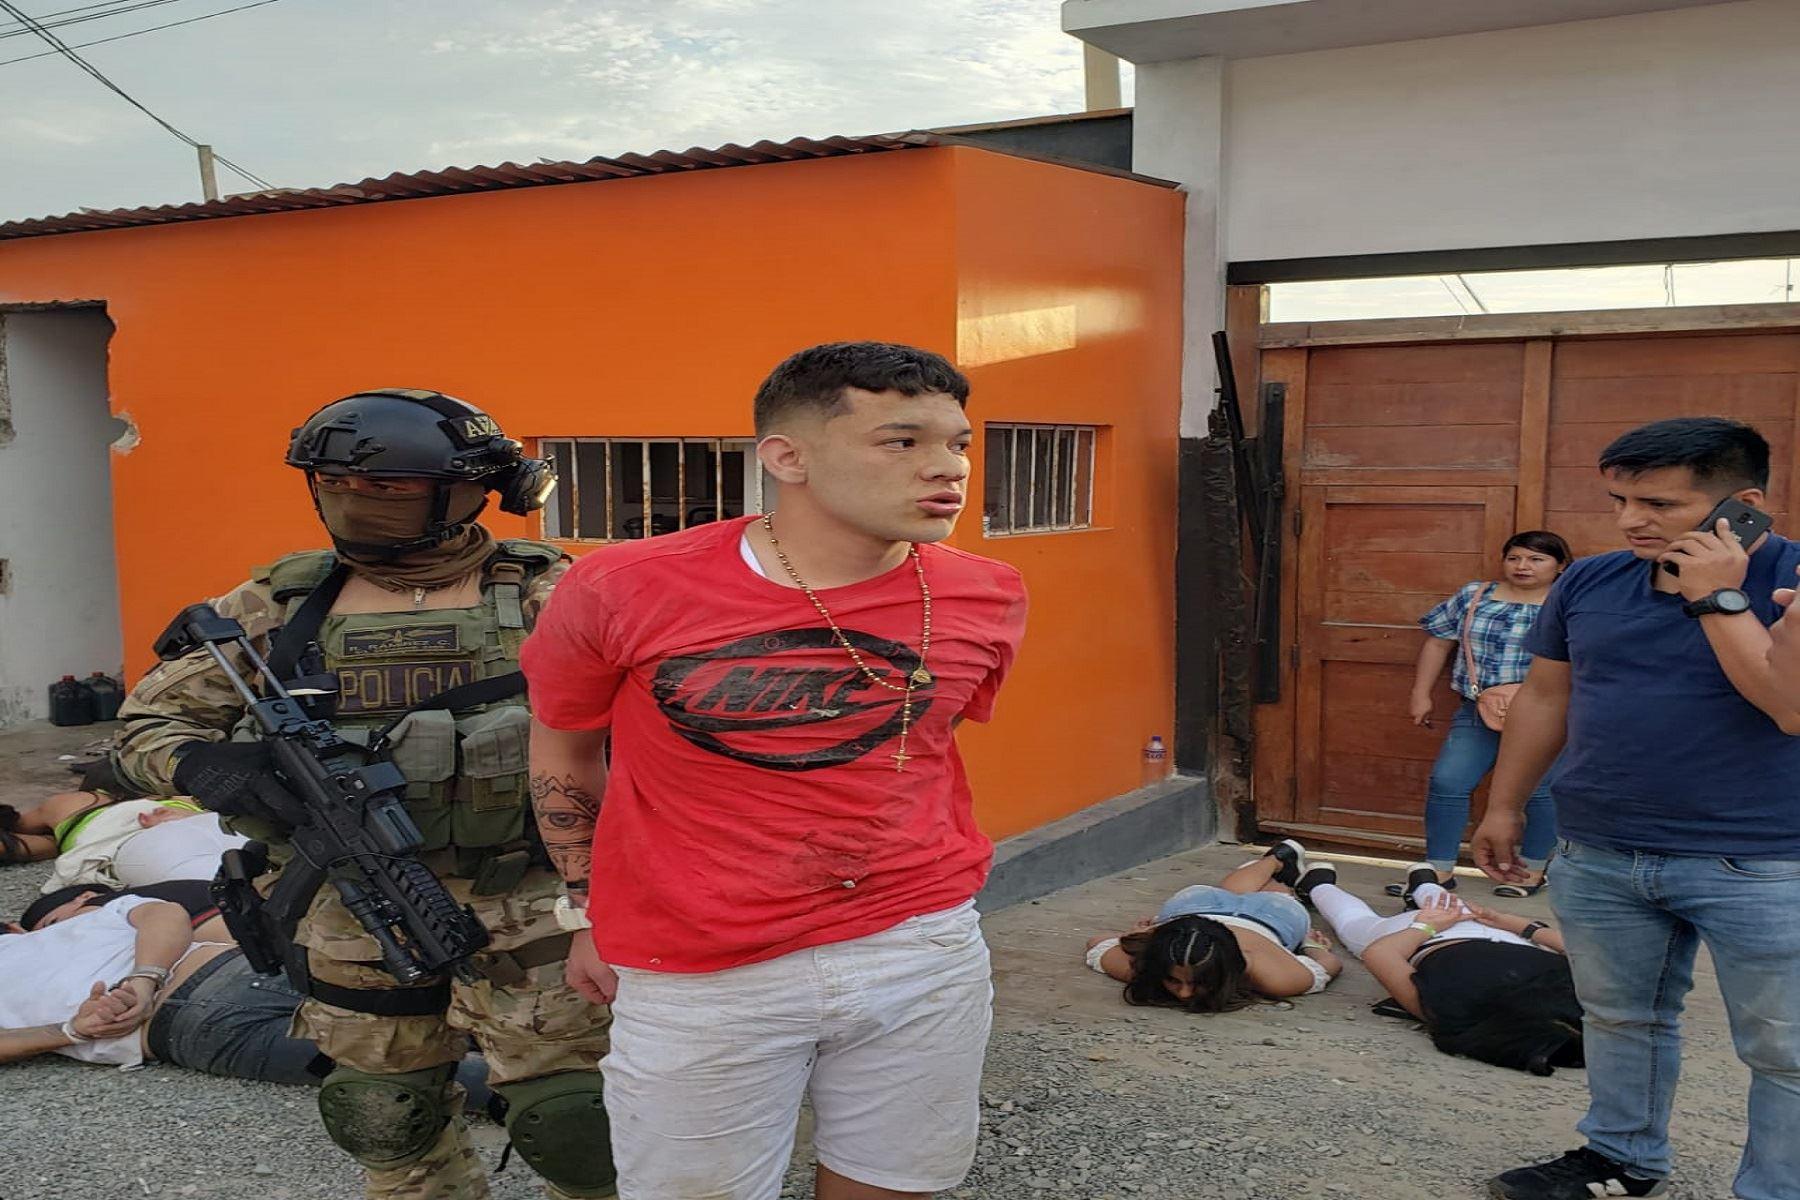 (VIDEO) PNP intervino a 124 presuntos criminales en hotel de Punta Negra